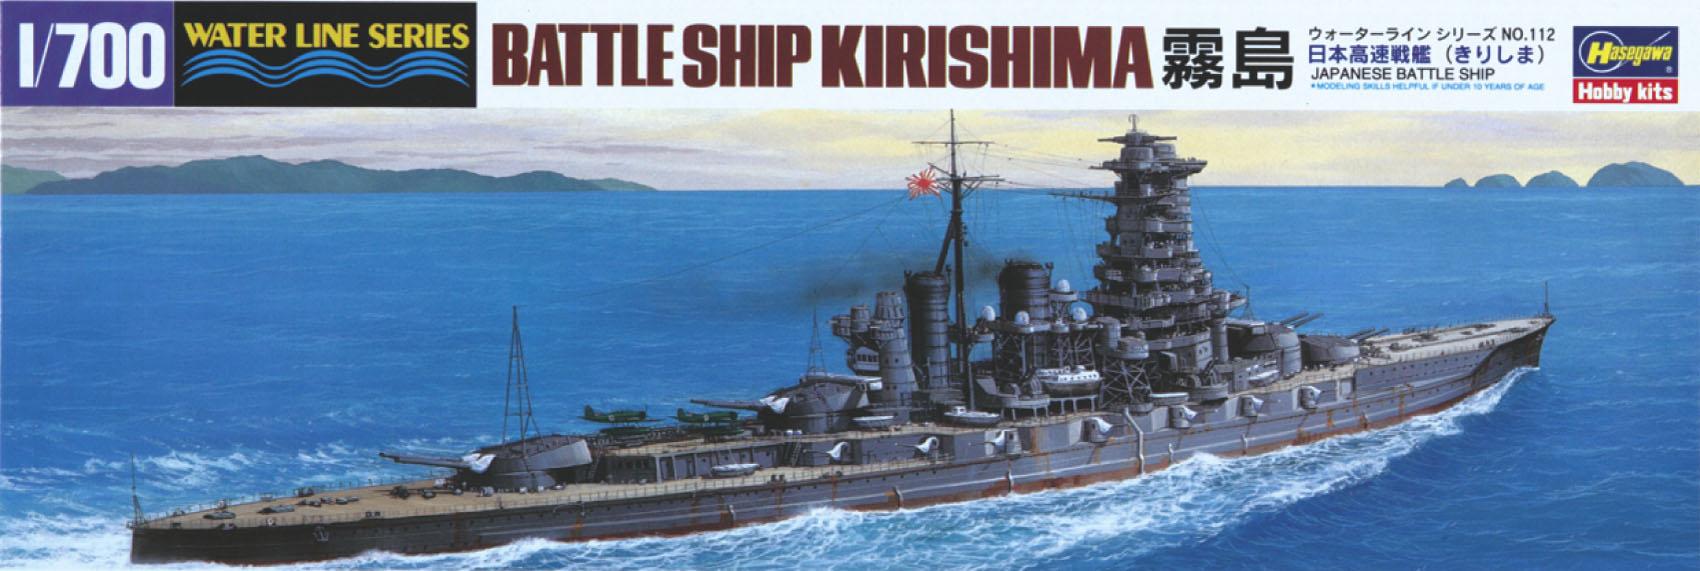 Hasegawa Ijn Battleship Kirishima